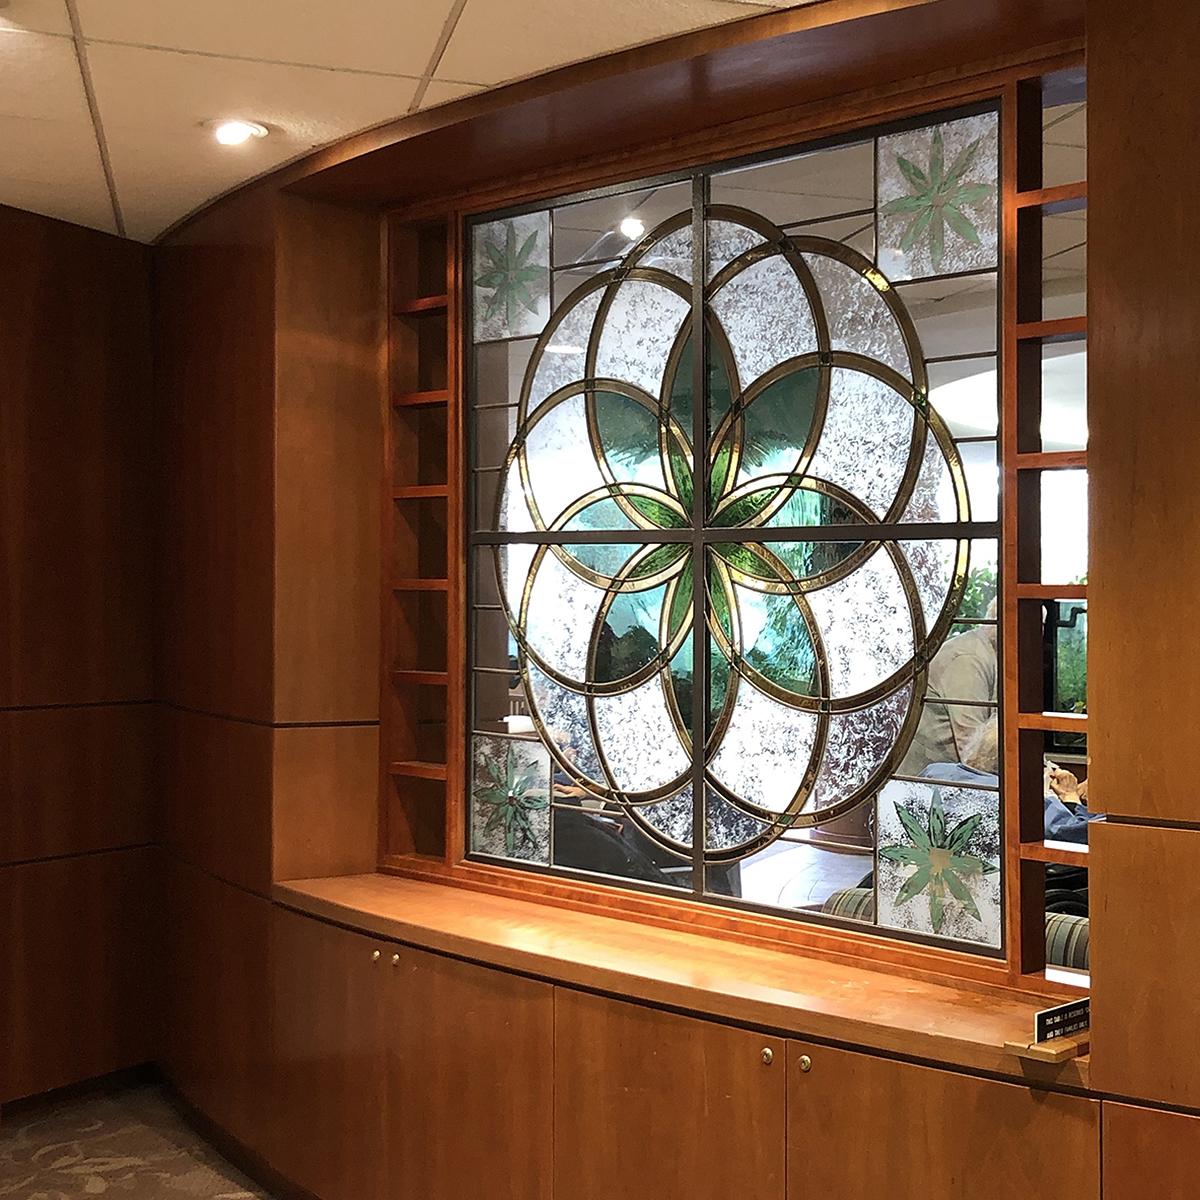 St. Ann's Community Glass Art Nancy Gong